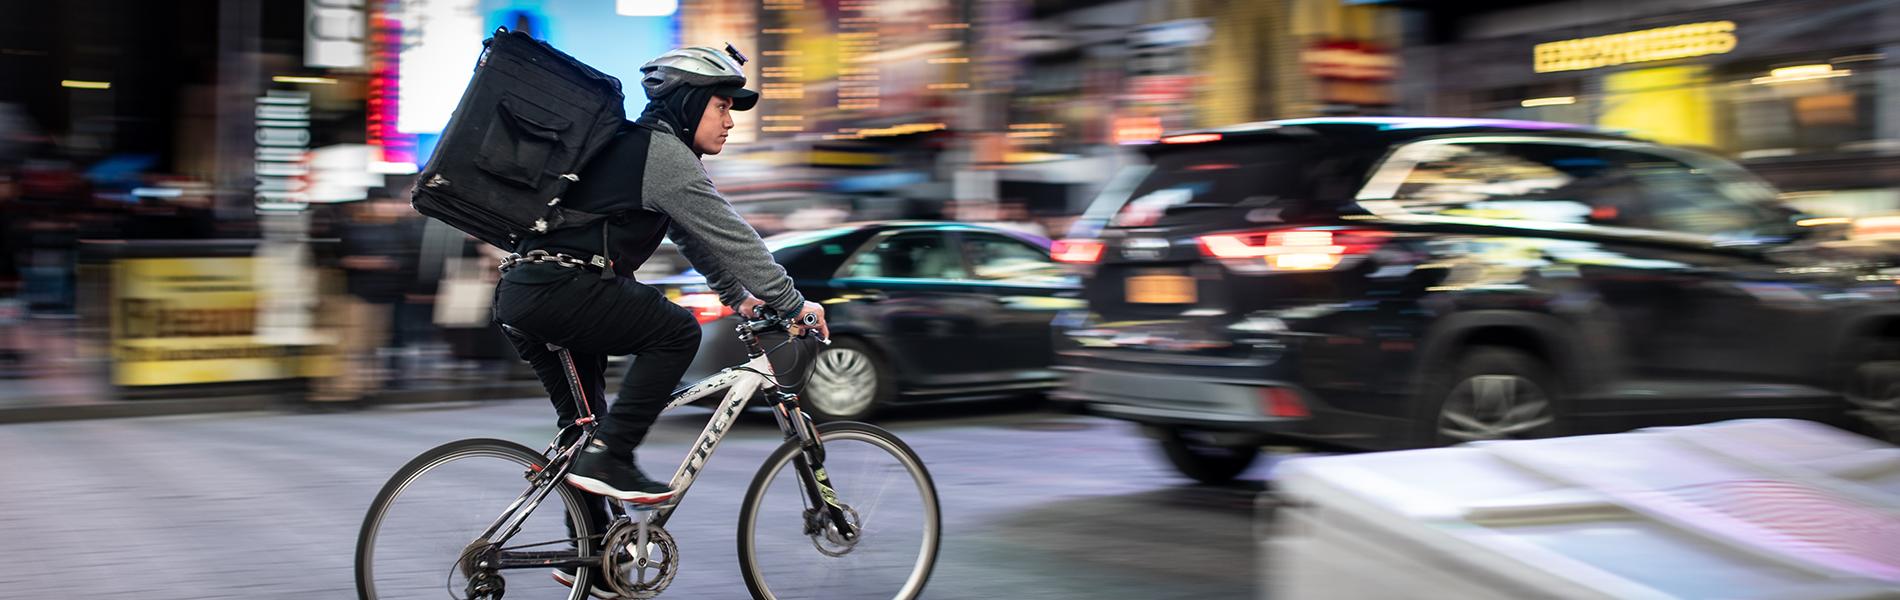 Homem de bicicleta com mochila de serviço de delivery. Ao fundo, carros e prédios desfocados.